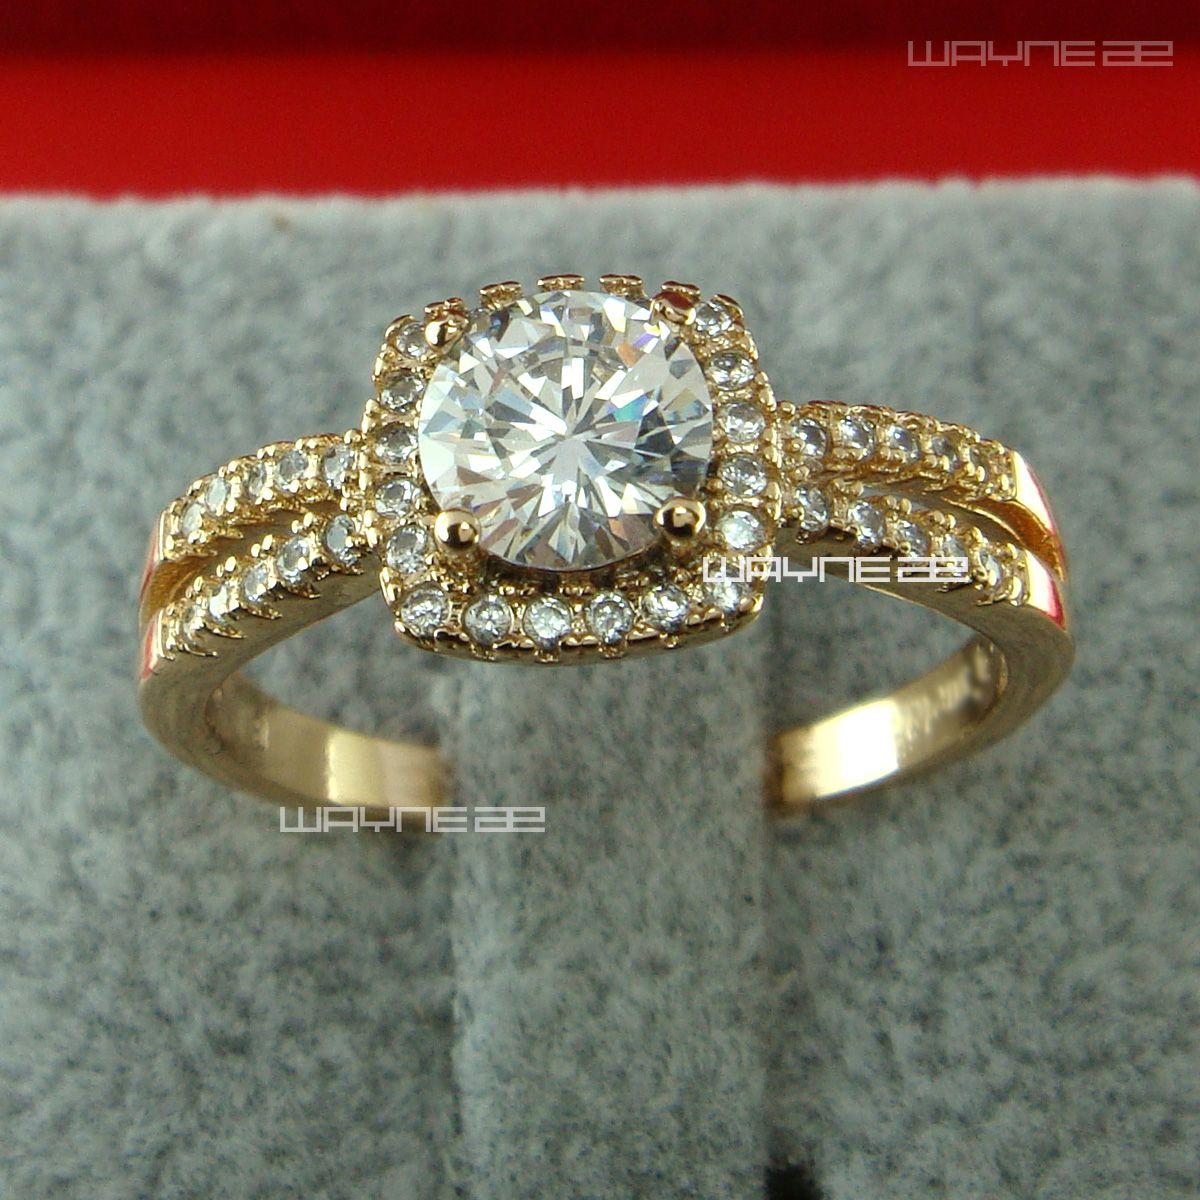 Damen elegant 18k Gold füllte CZ-Kristall-Verpflichtungs-Ehering R185 Size6-8